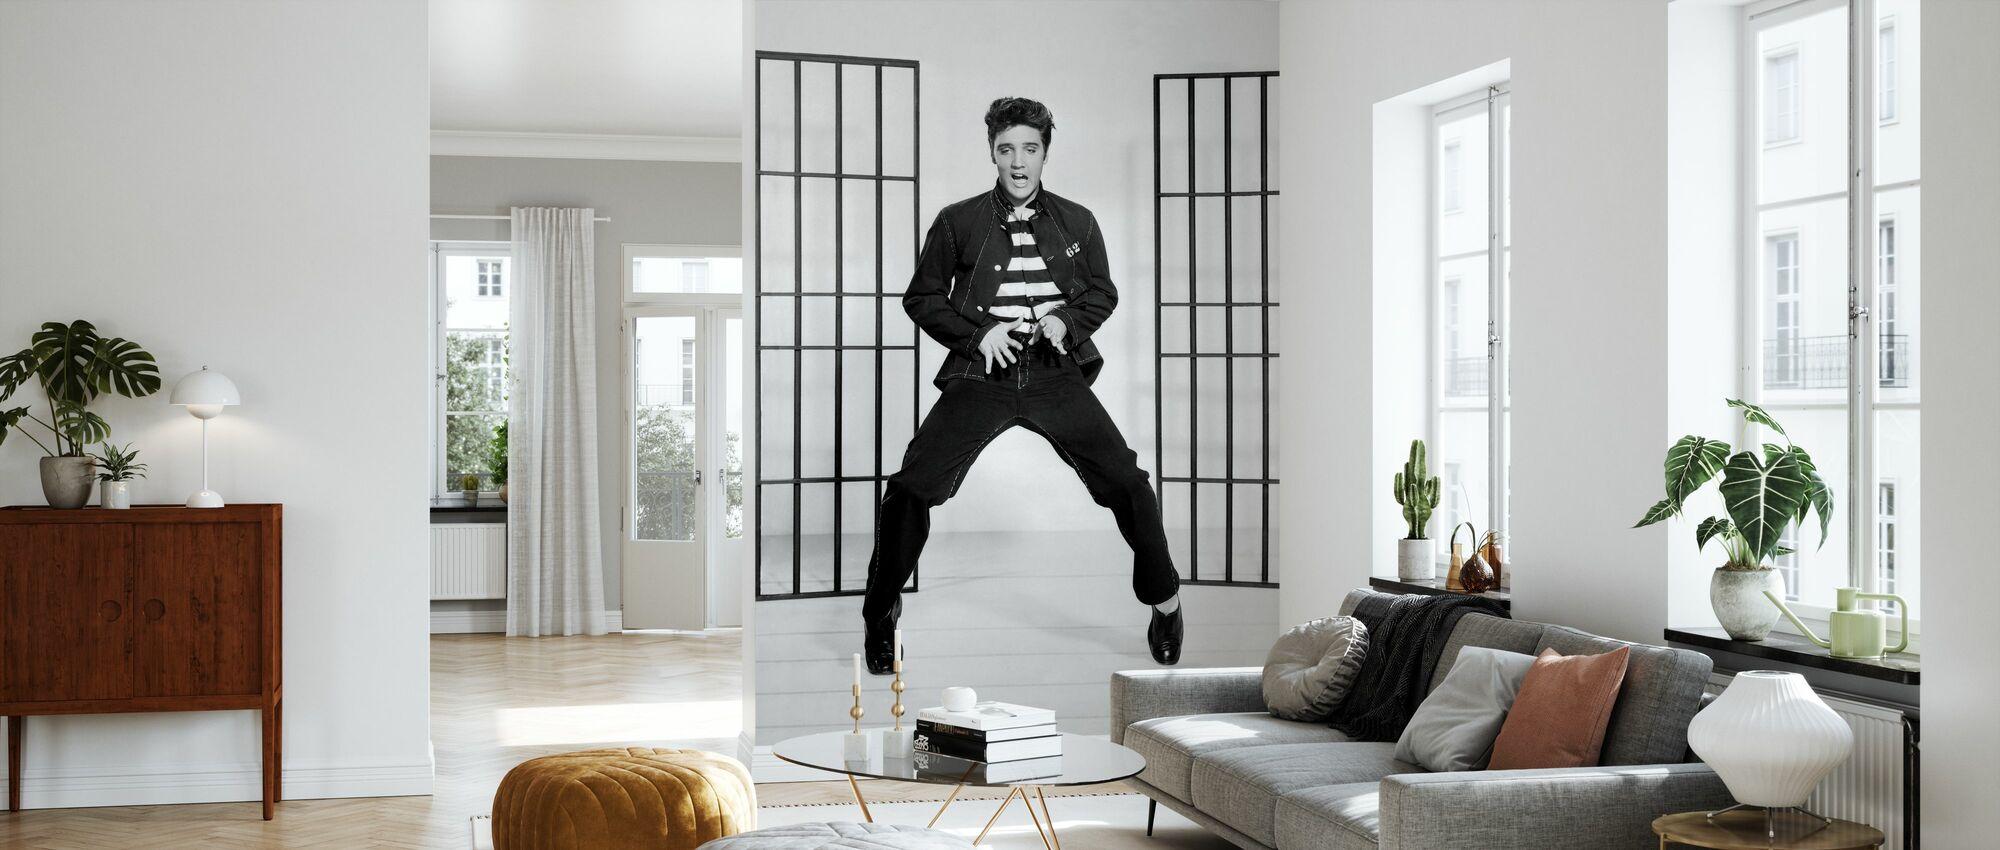 Jailhouse Rock 2 - Wallpaper - Living Room